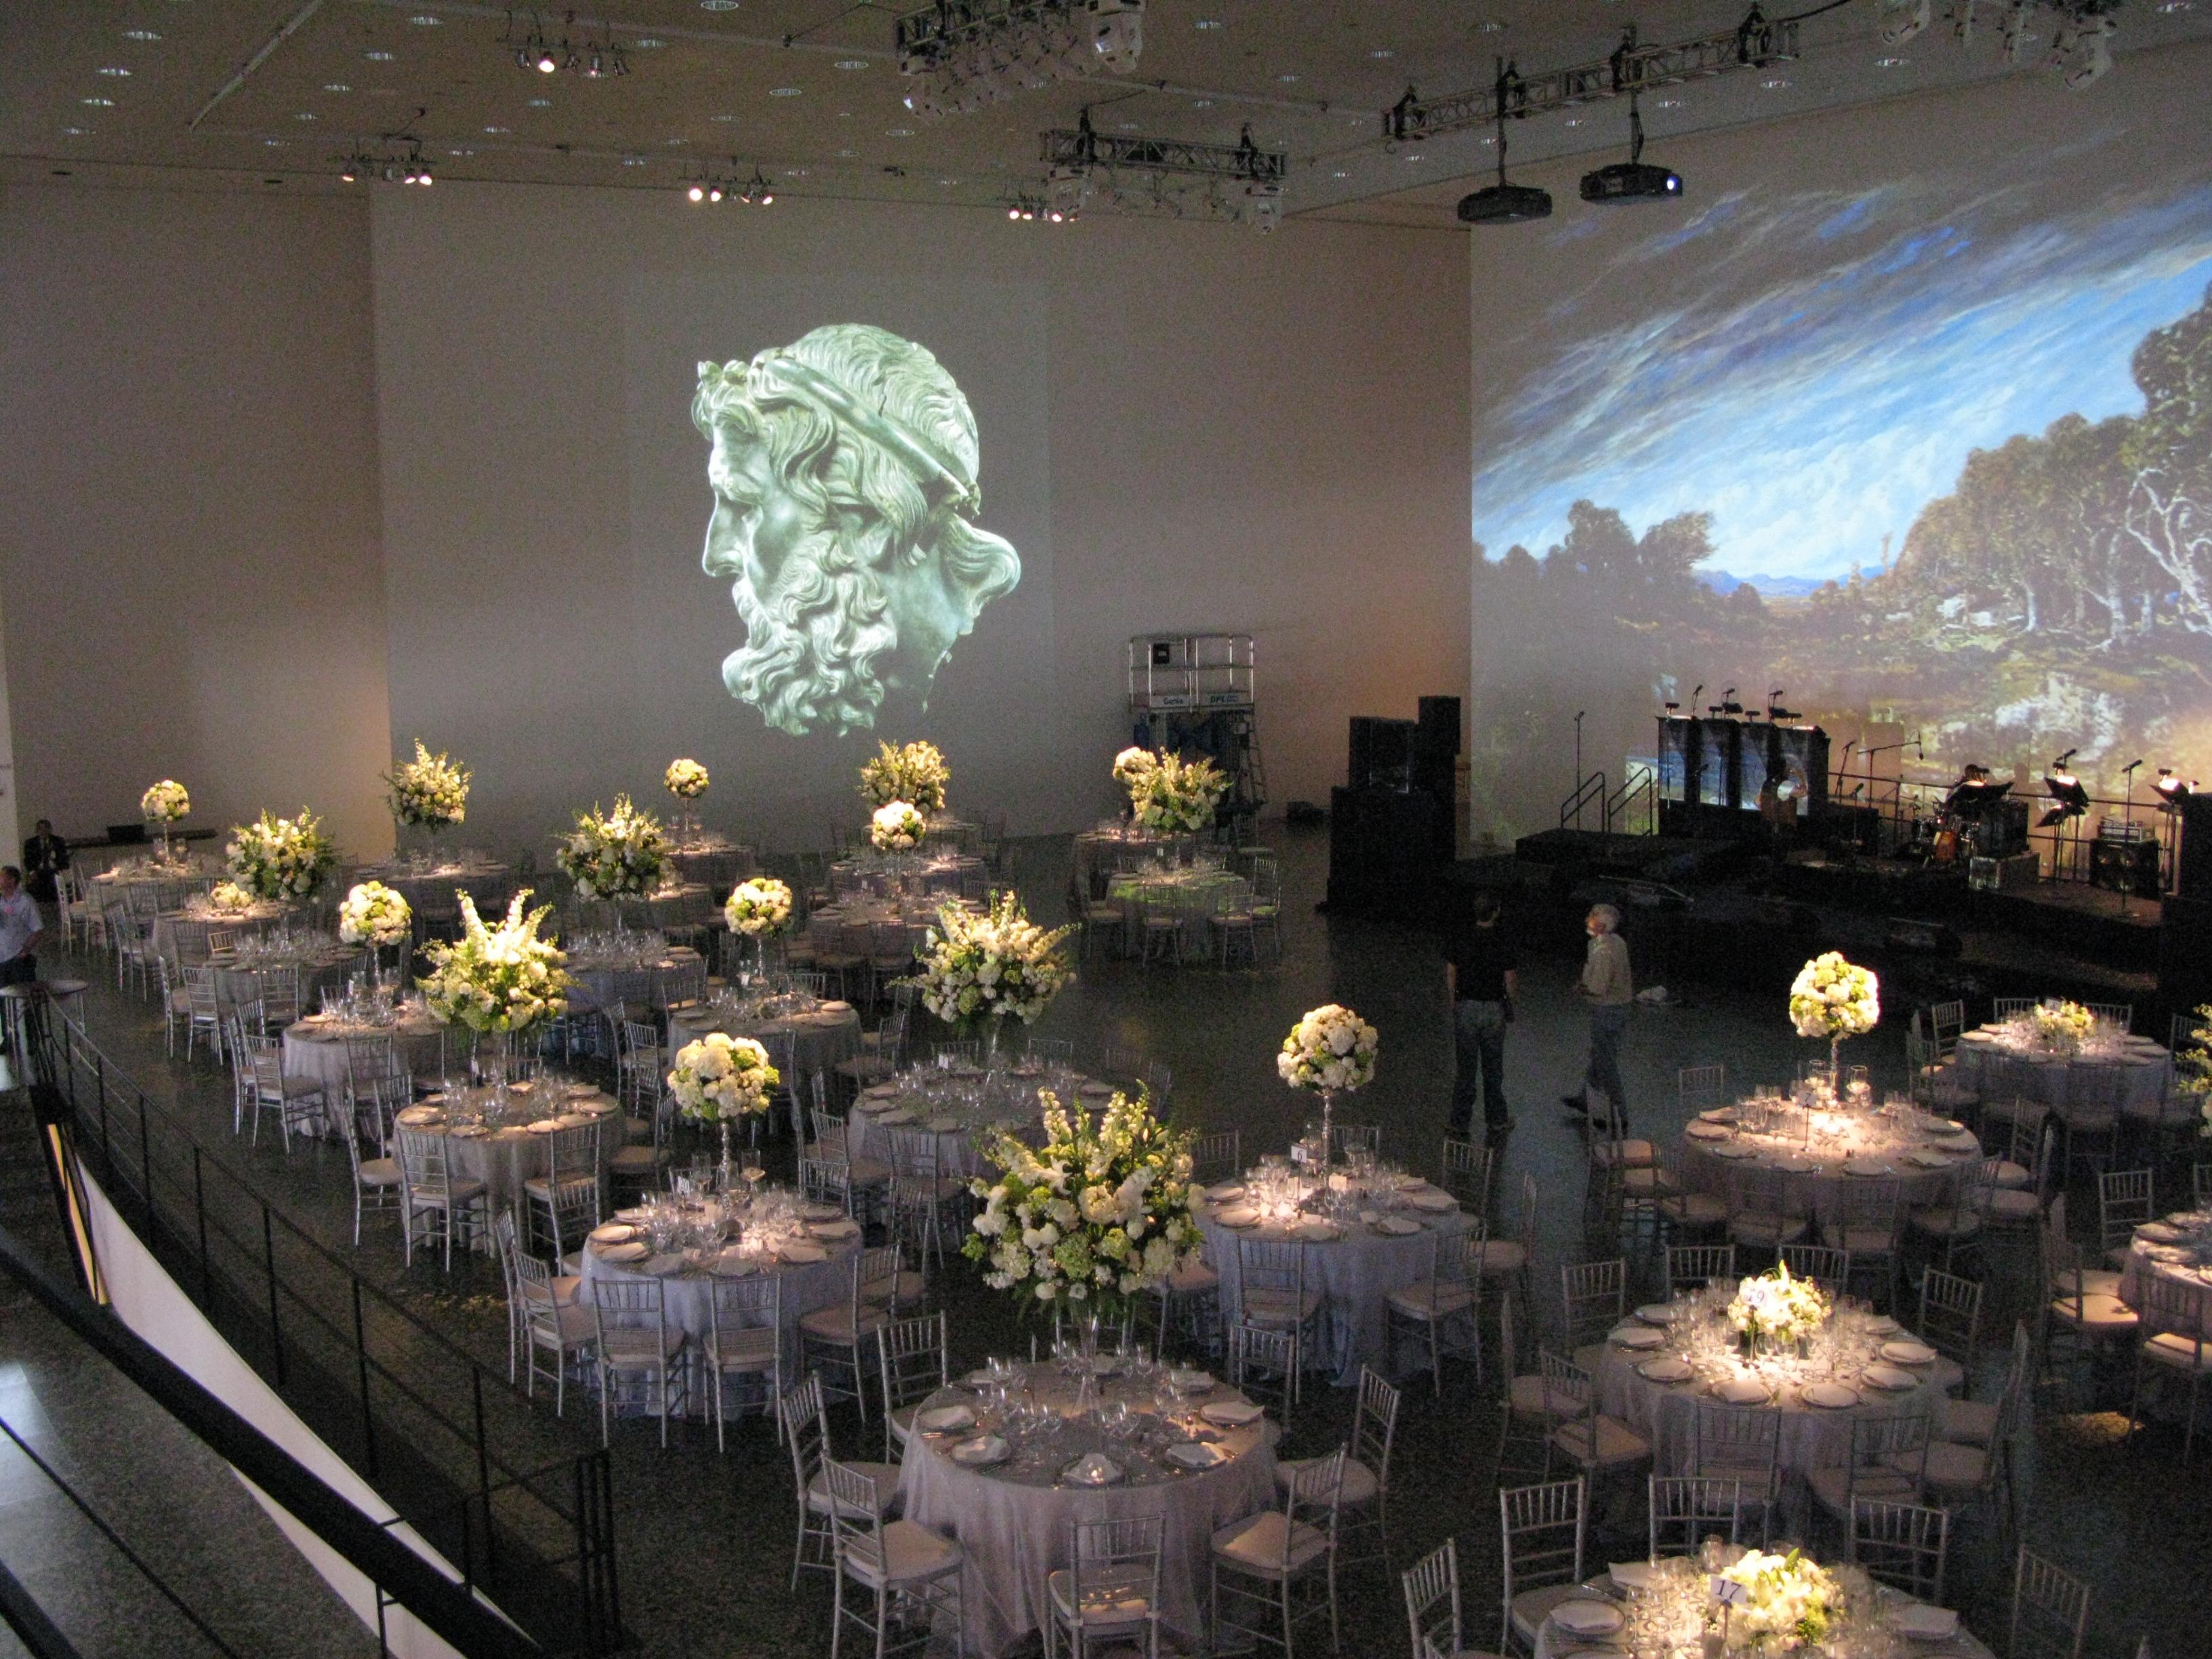 Grand Gala's